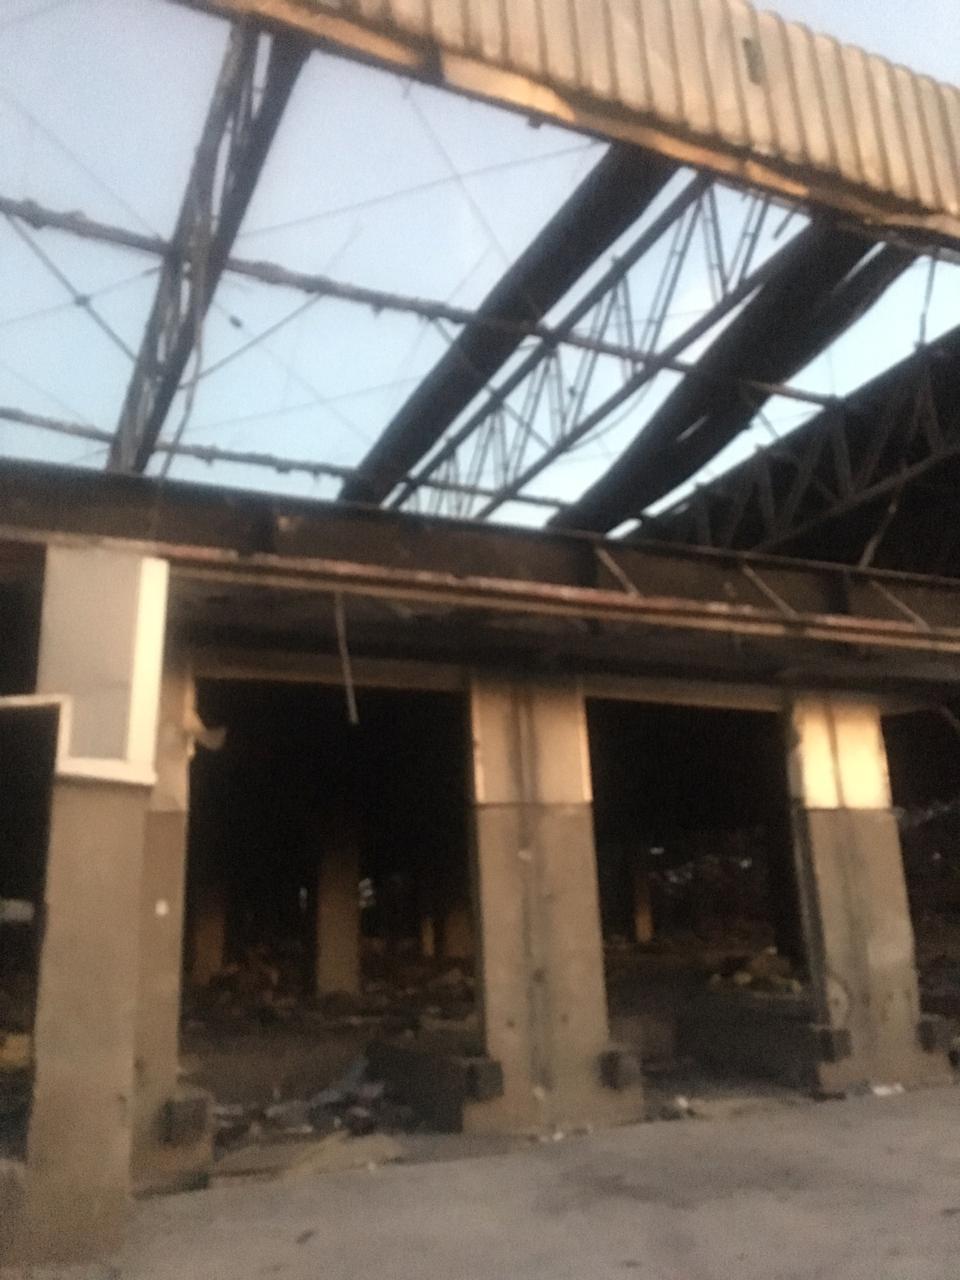 La fábrica donde perdio la vida Yoshua Osorio